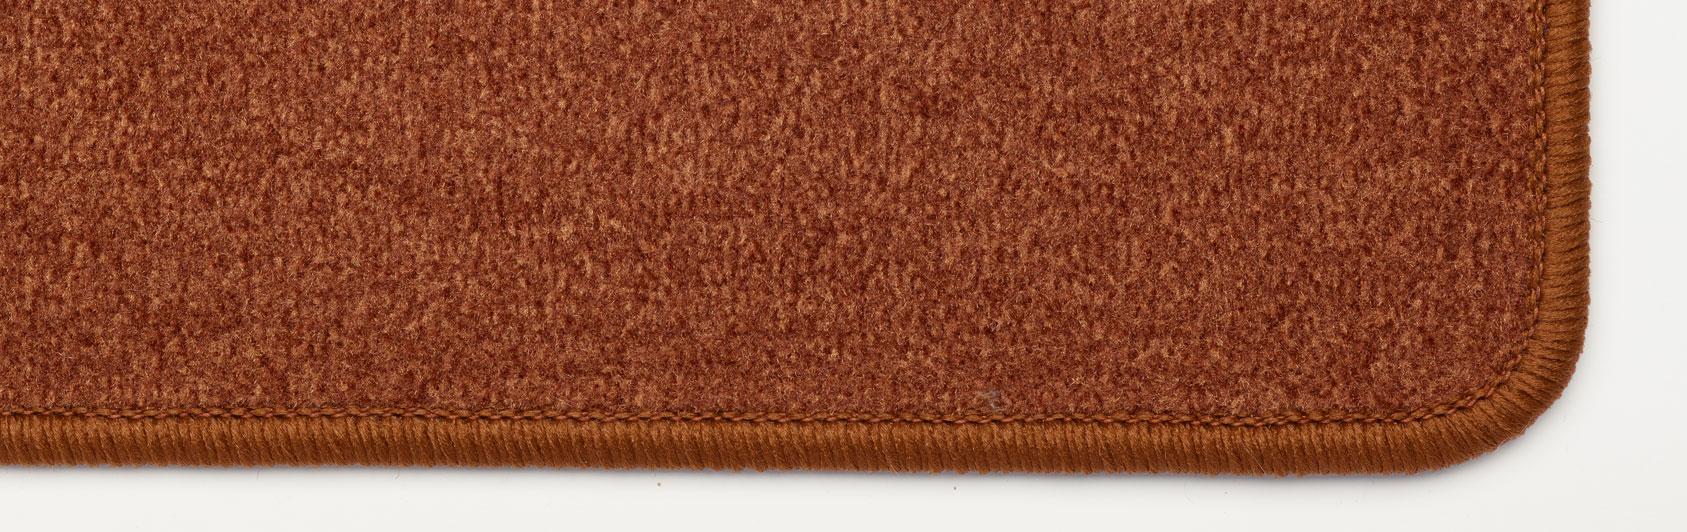 tapis d'église Velours code couleur 1900 couleur laiton